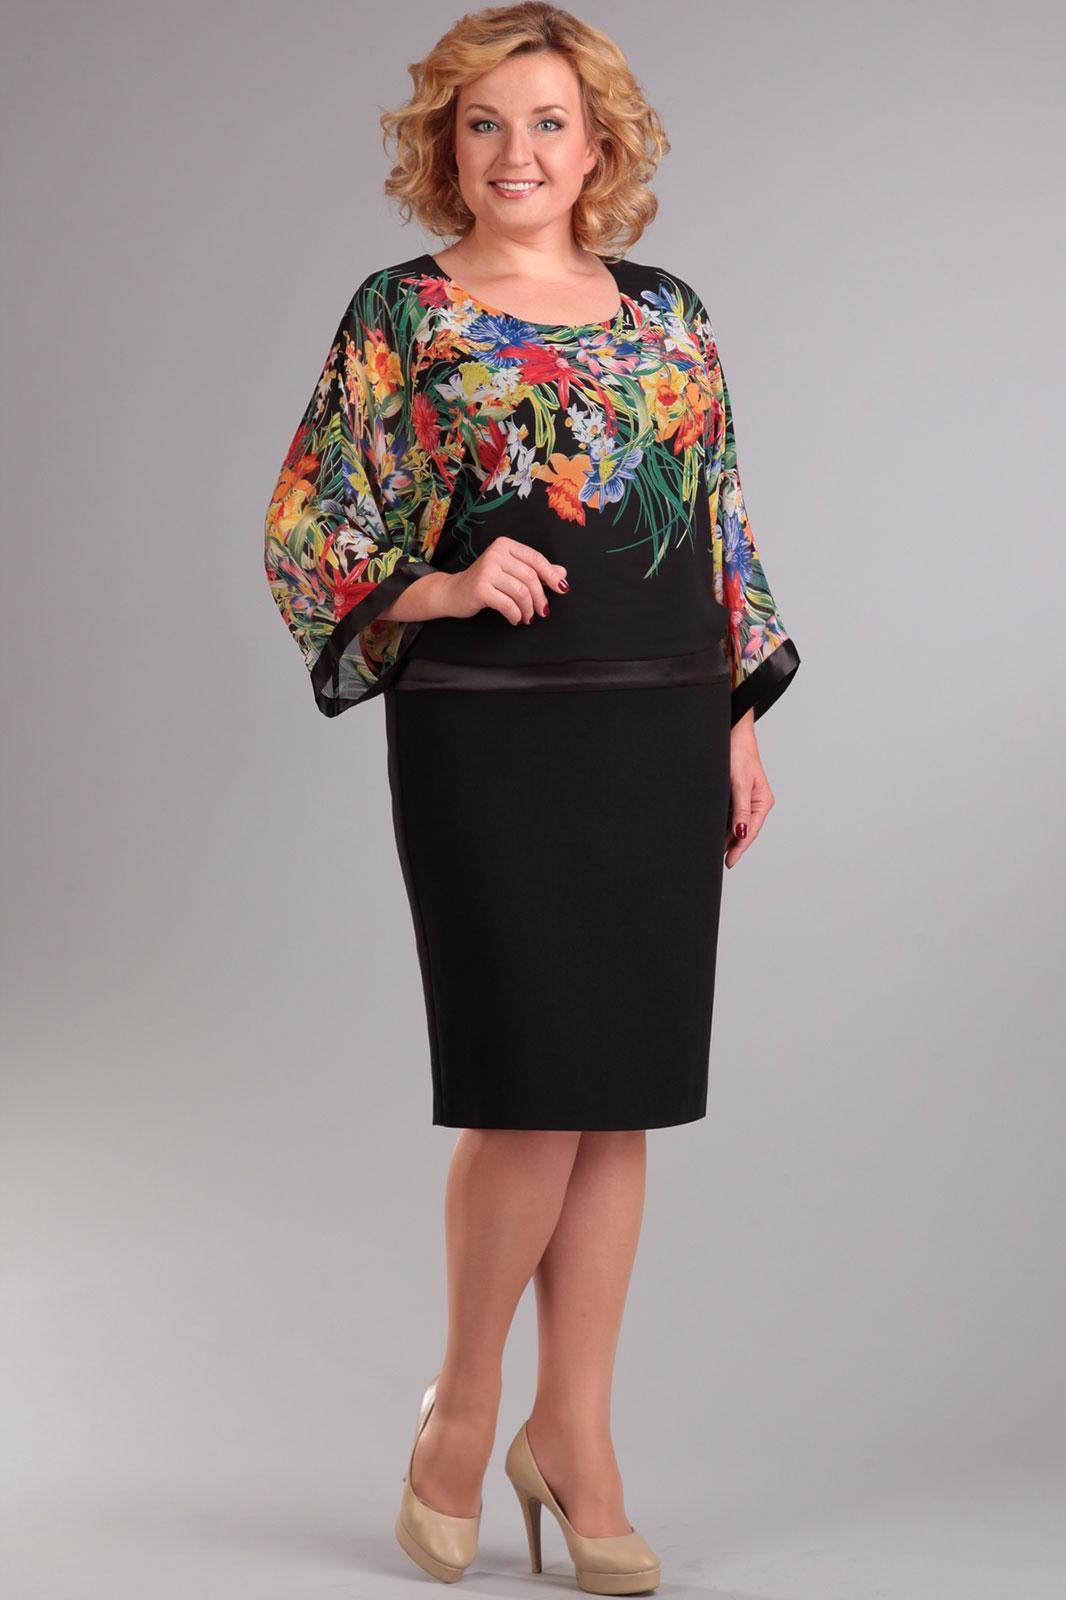 Модная женская одежда оптом и в розницу из Беларуси  8b7146c919b8d